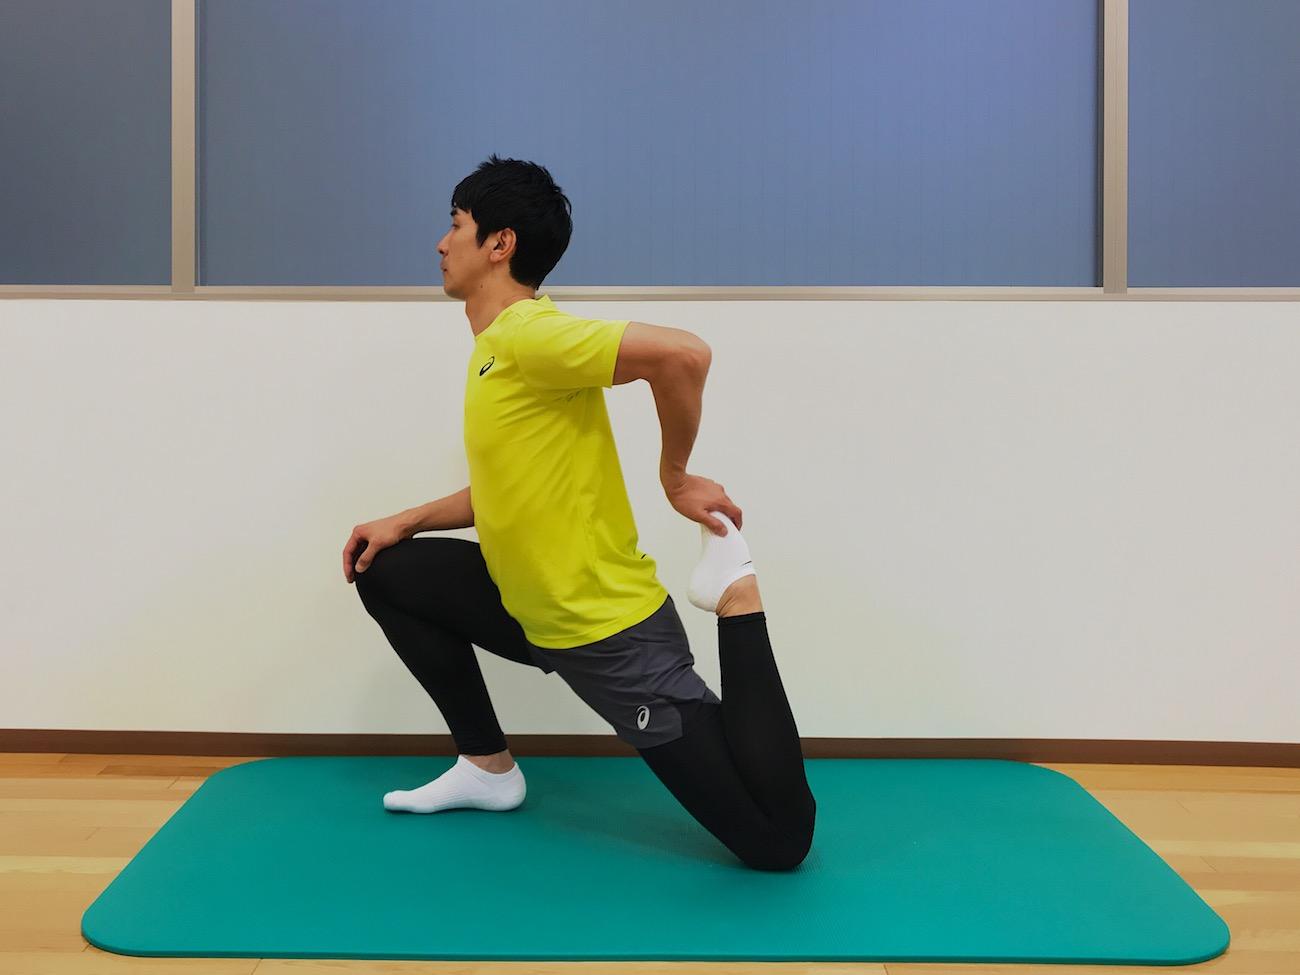 もも前〜骨盤前の筋肉(腸腰筋・大腿直筋)のストレッチの方